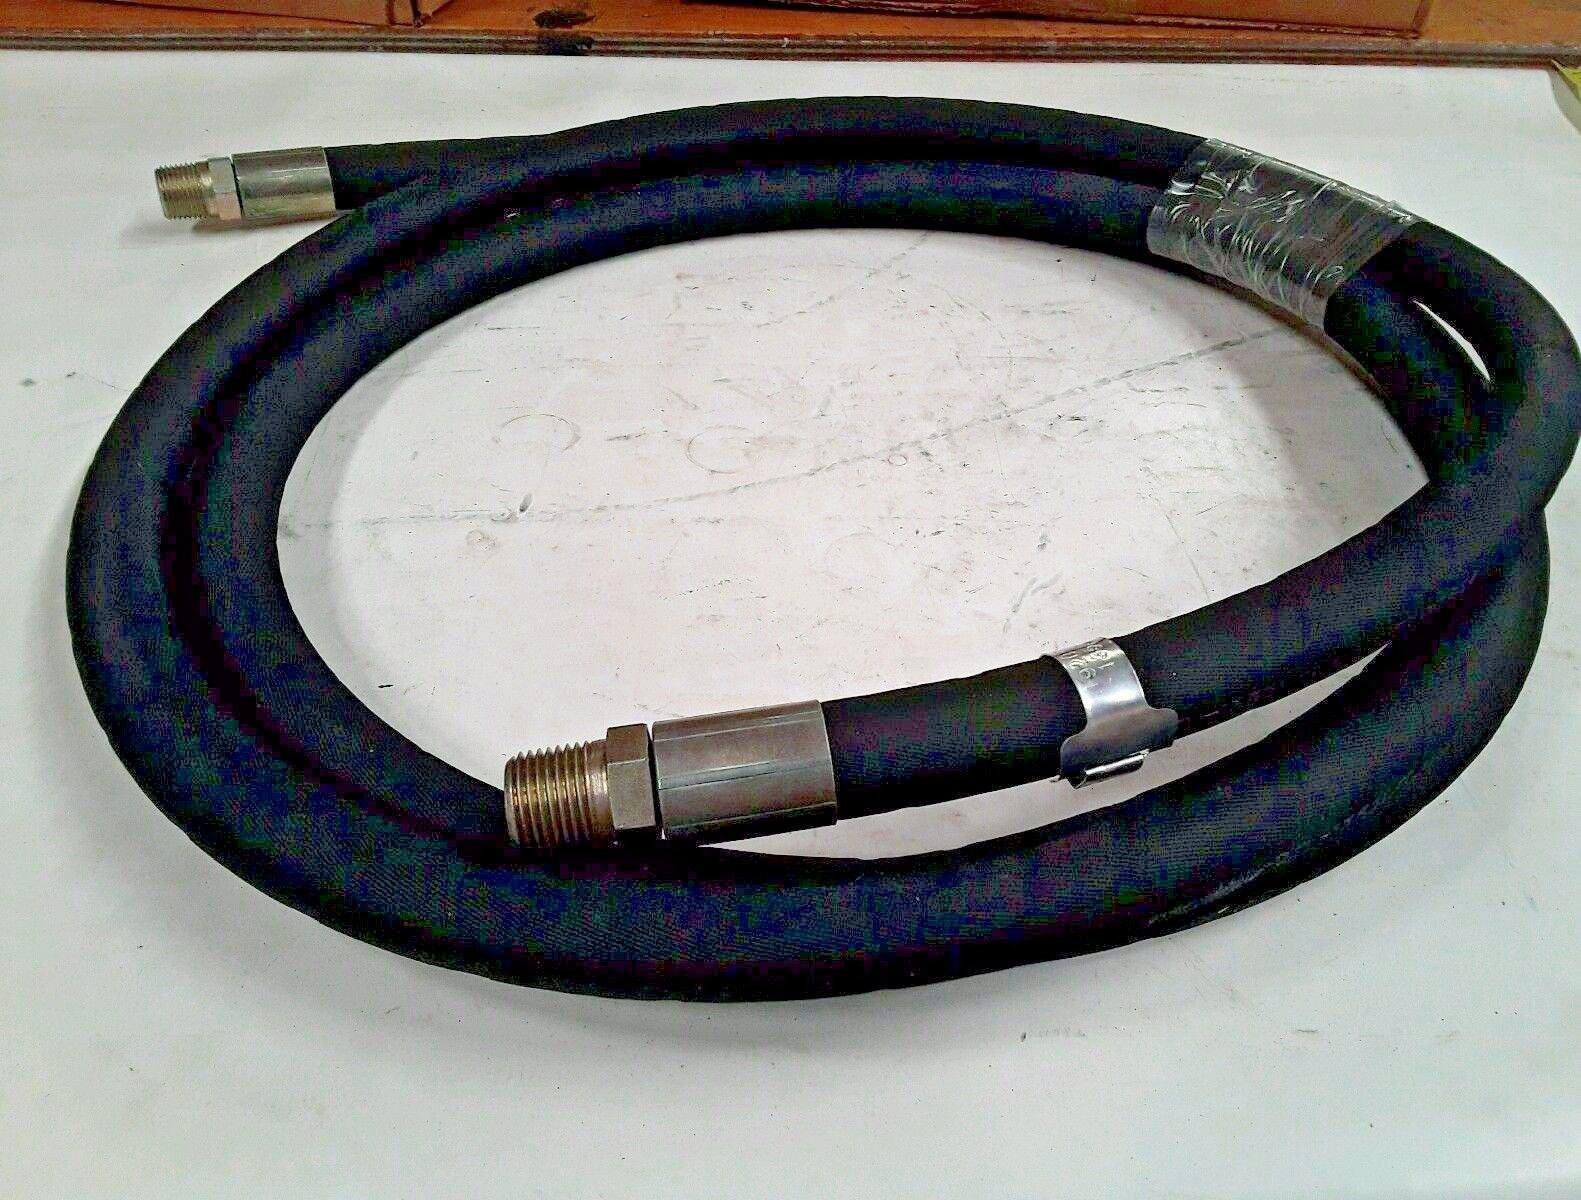 Power Parts Hydraulic Hose 1/2'' ID 34'' Long w/1/2'' Thread M-88